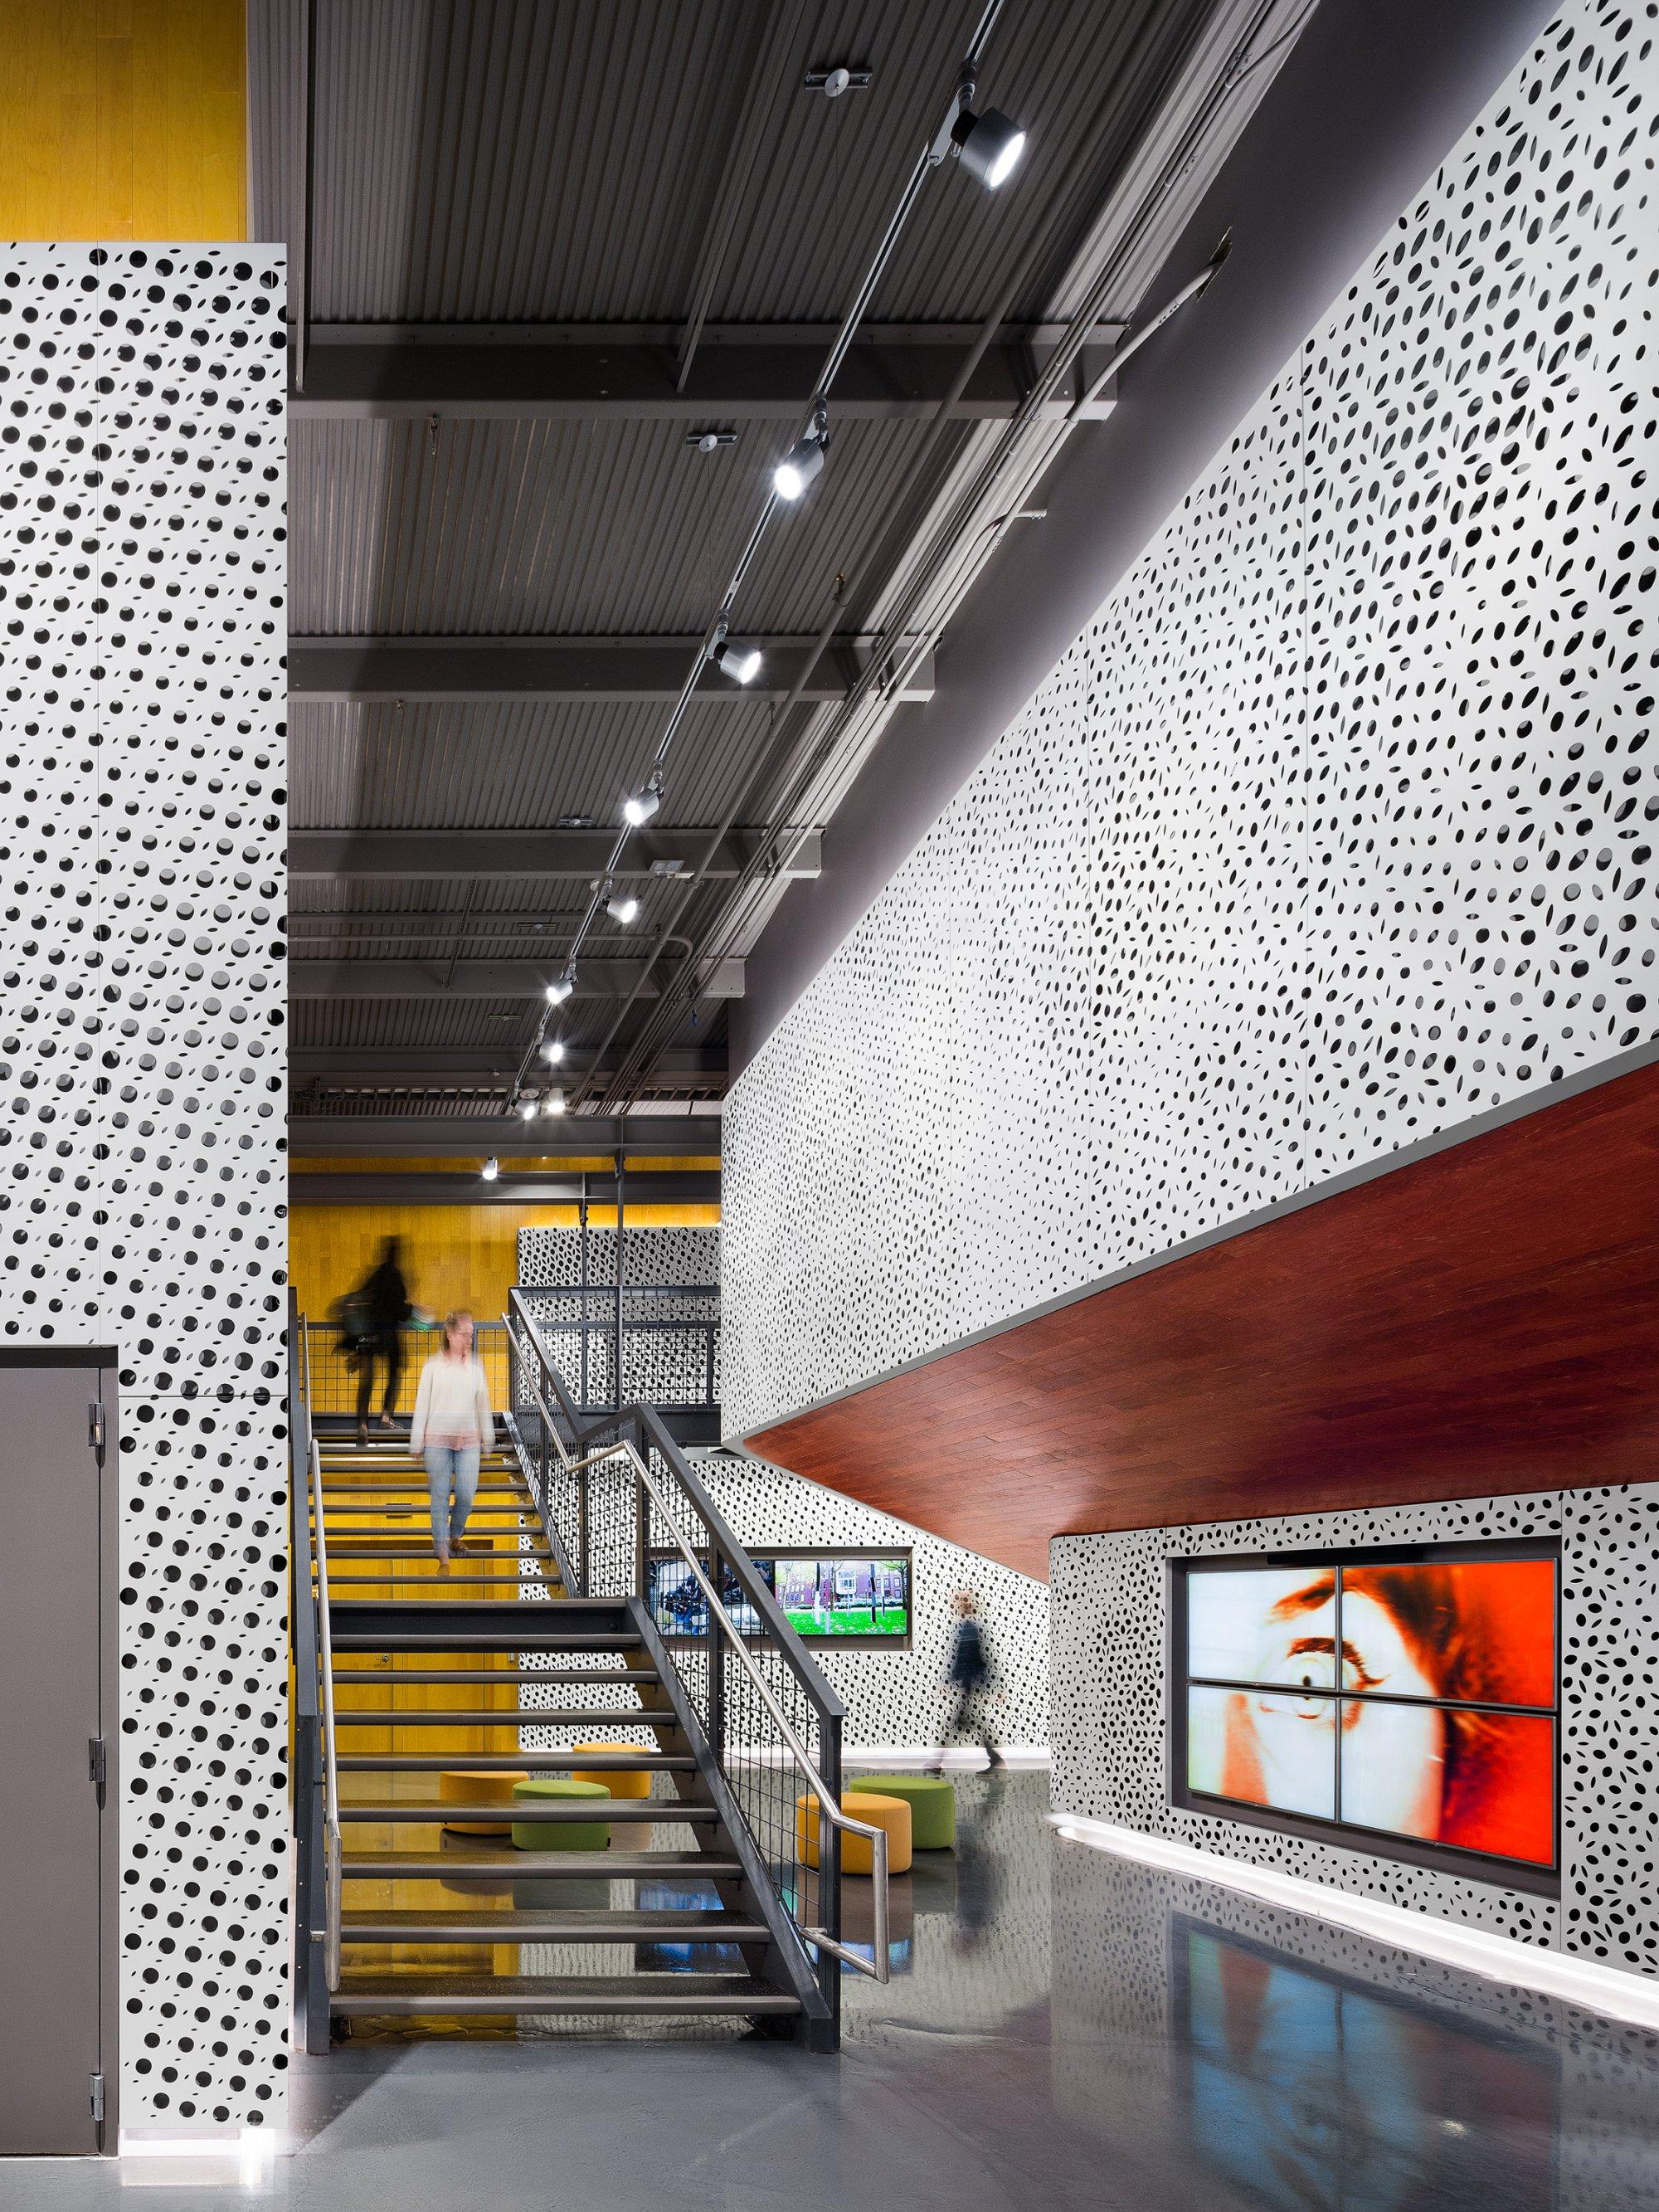 pratt institute interior design home design ideas